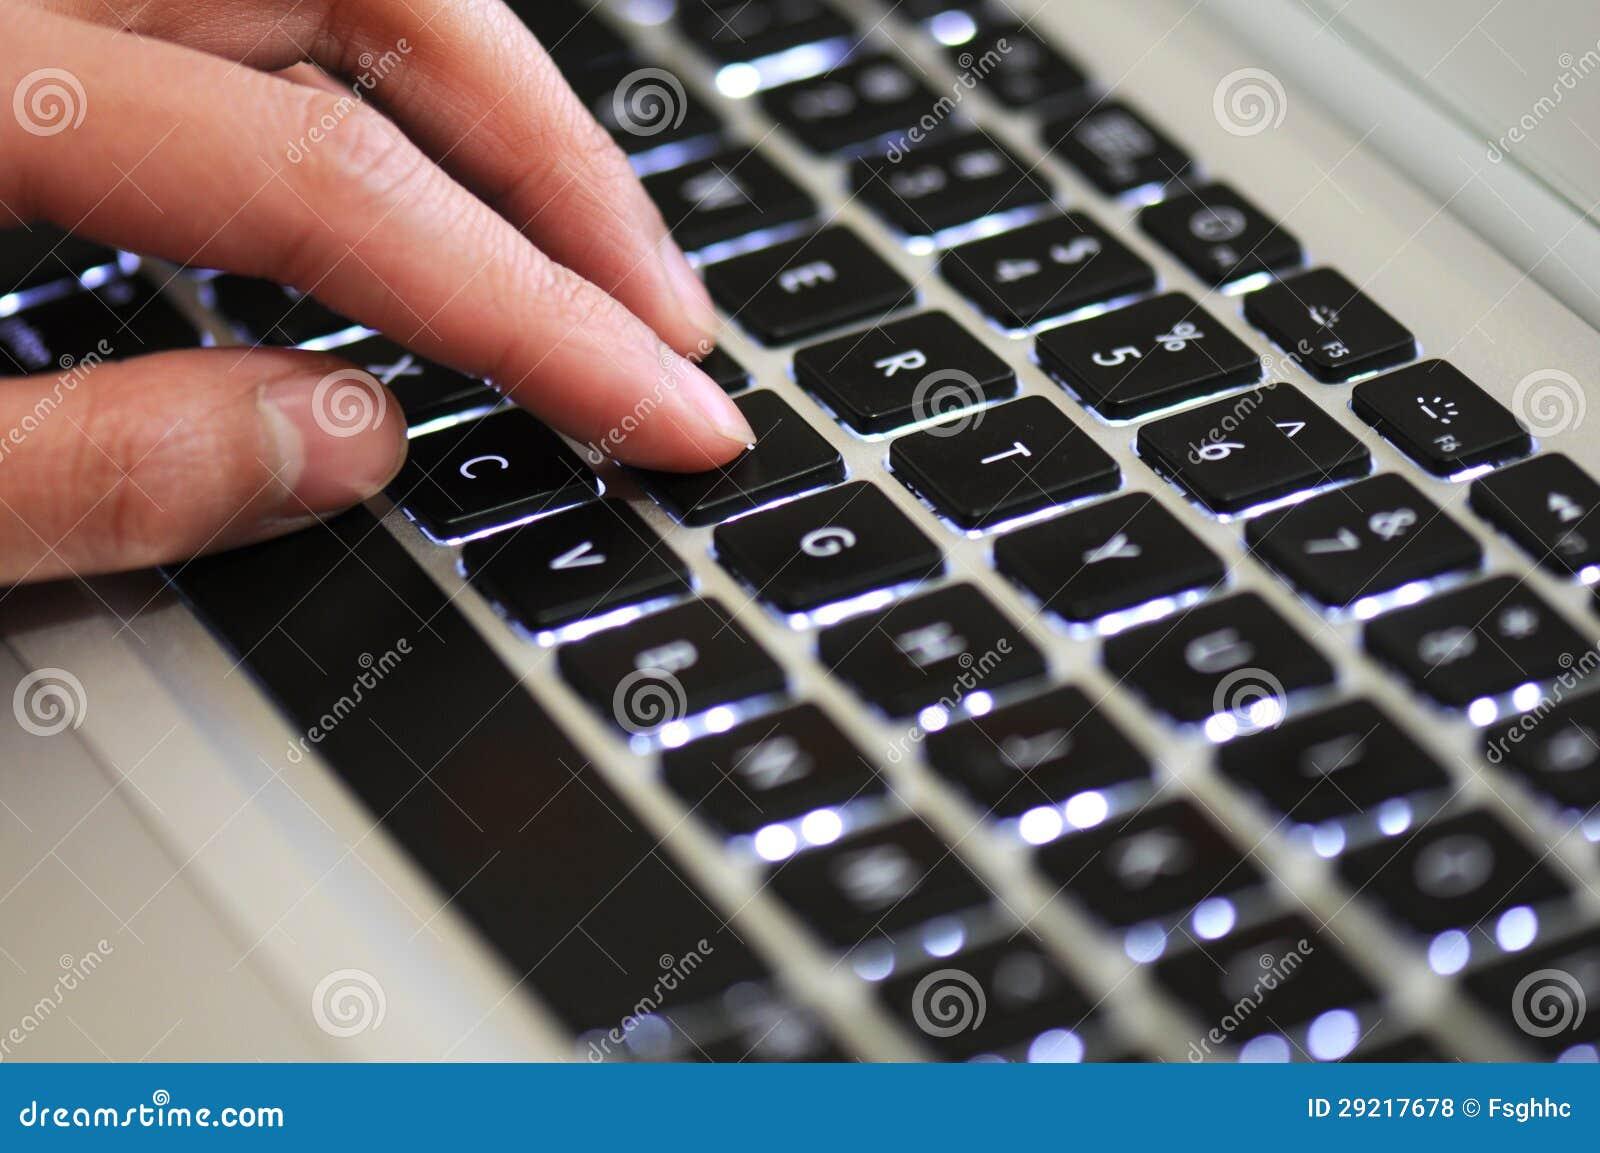 Toetsenbord Met Licht : Een hand op een toetsenbord met licht stock foto afbeelding